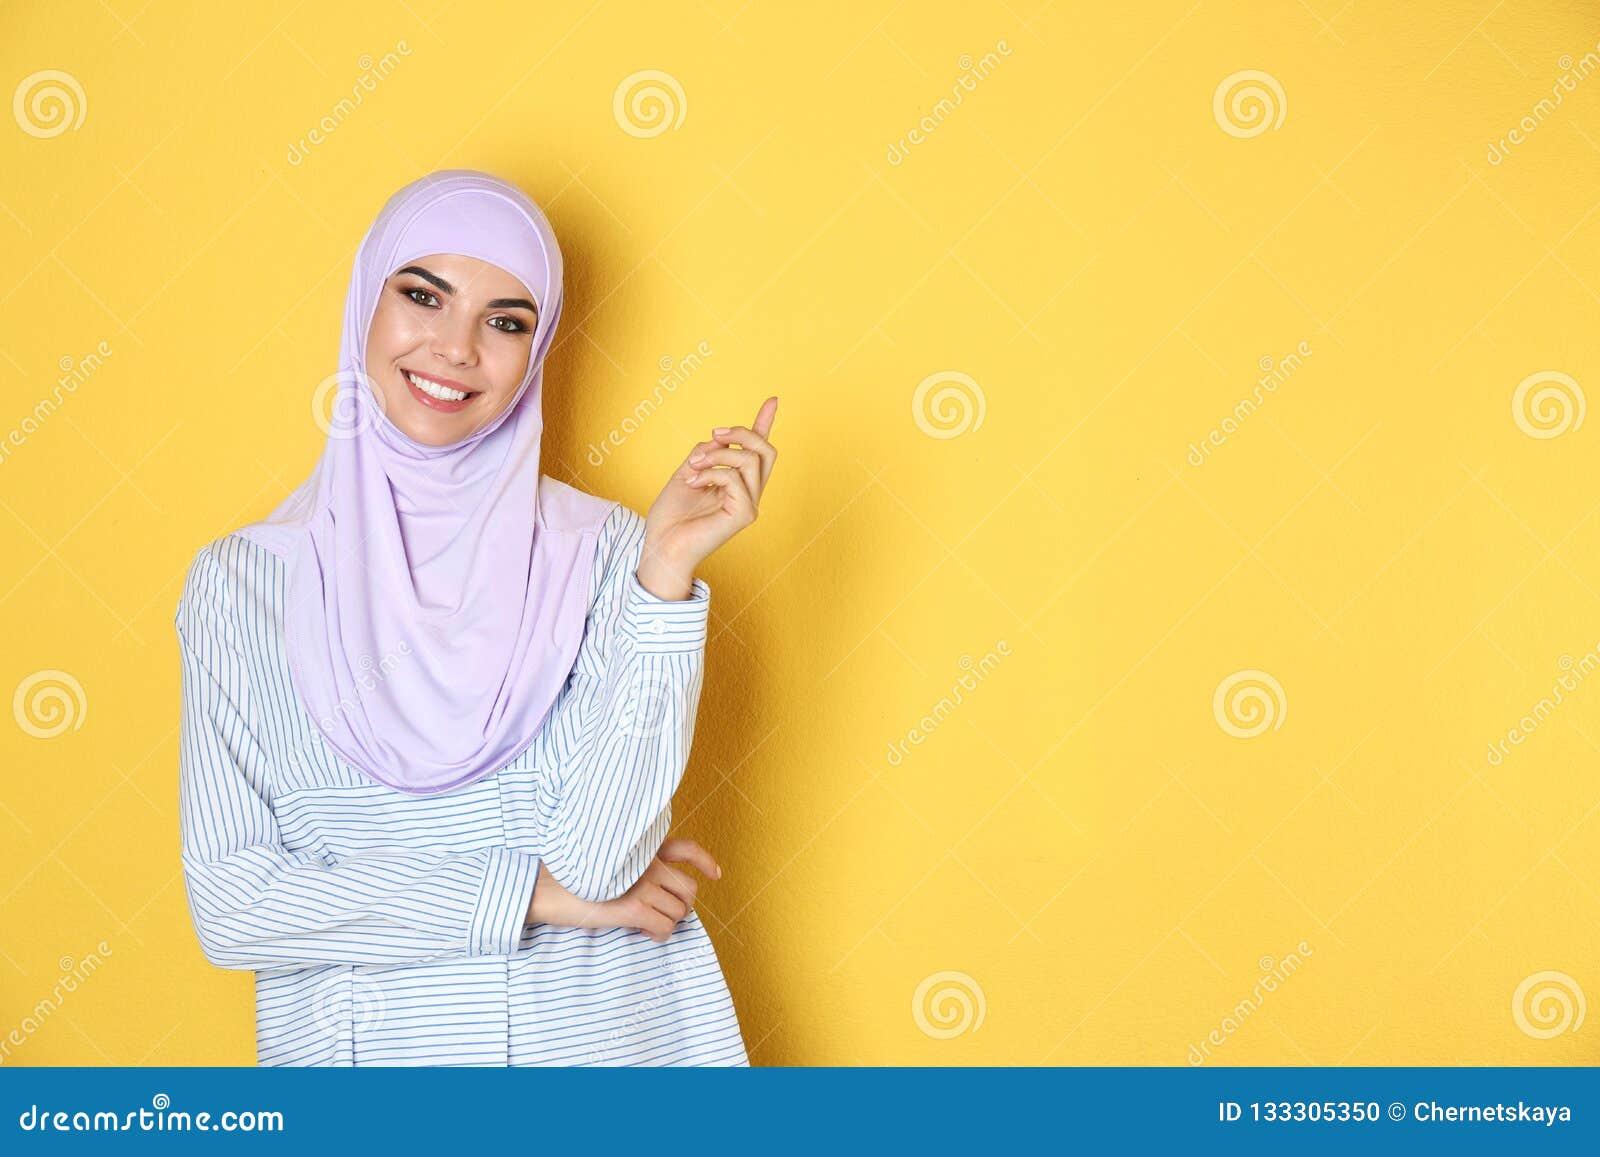 Retrato de la mujer musulmán joven en hijab contra fondo del color